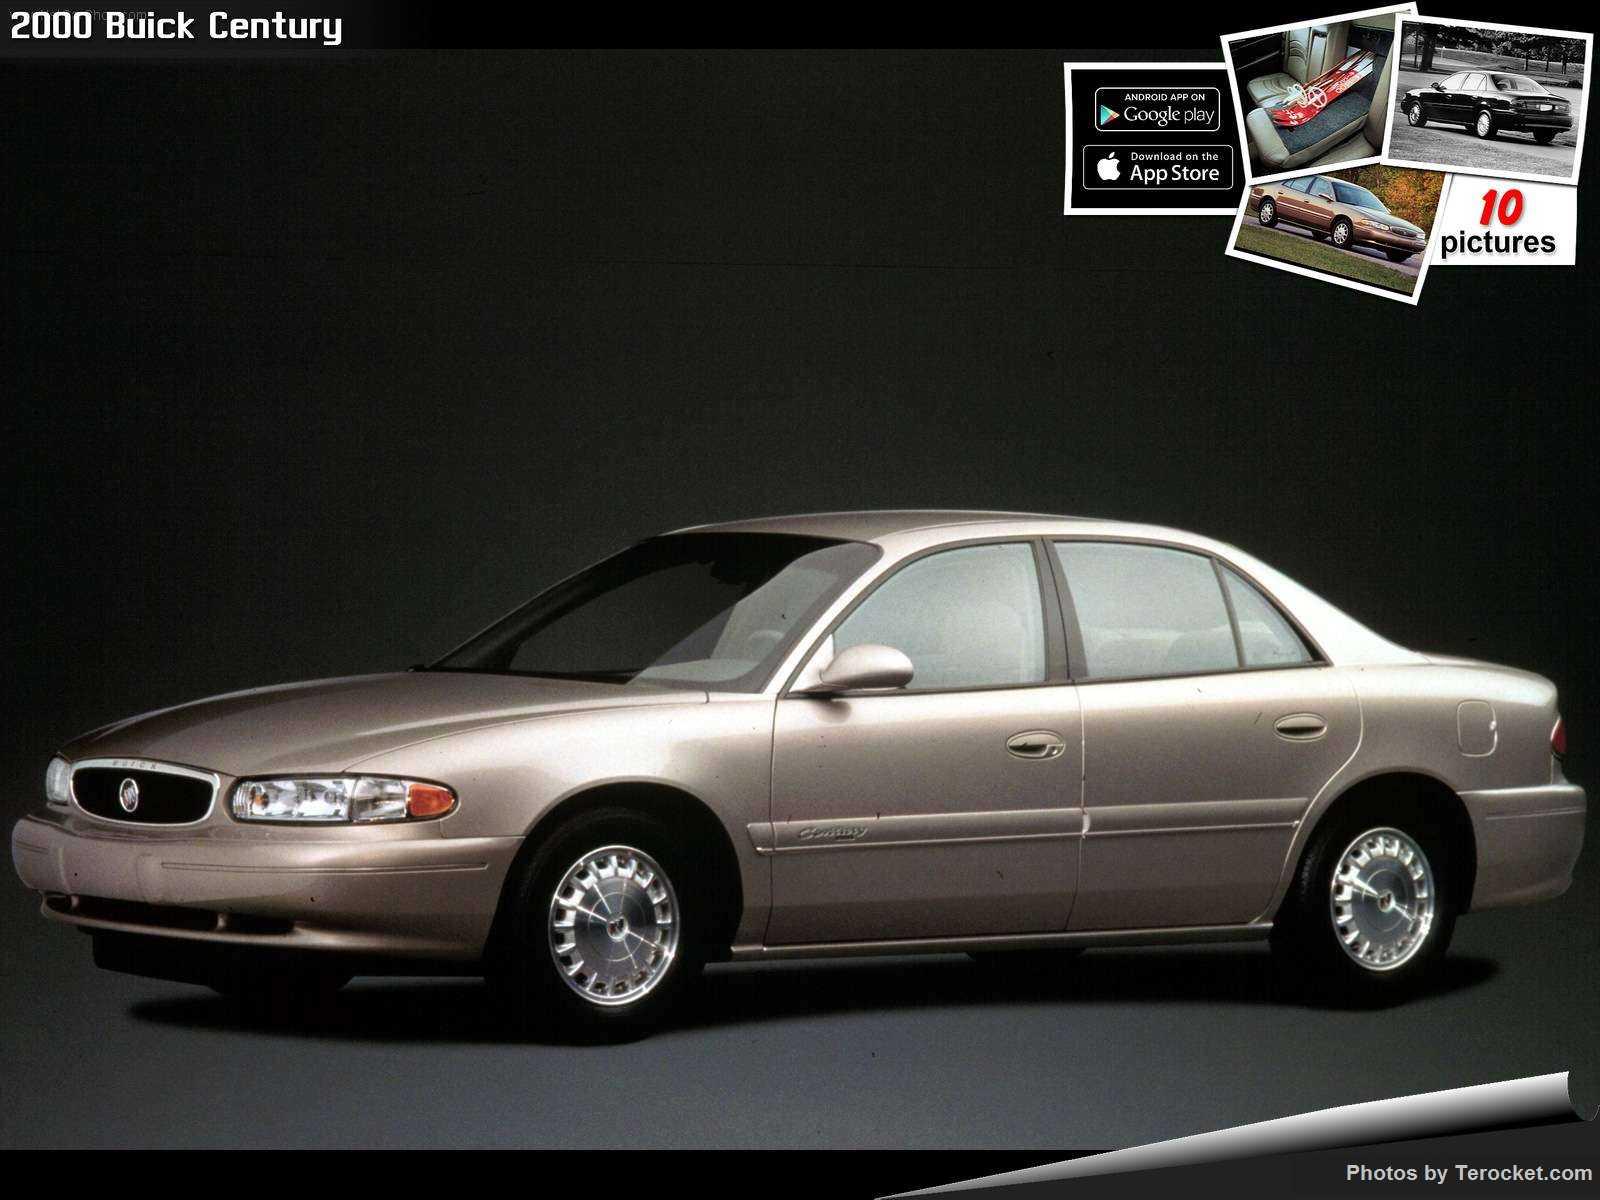 Hình ảnh xe ô tô Buick Century 2000 & nội ngoại thất